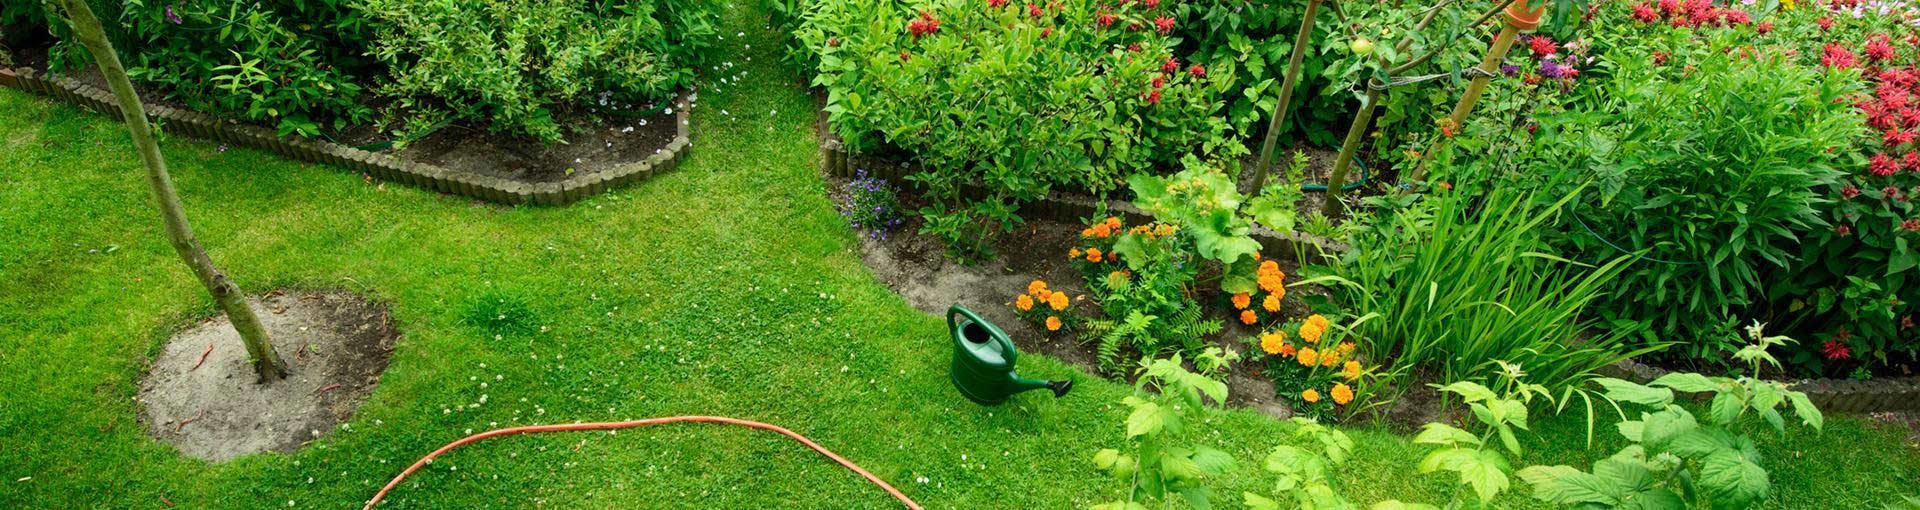 Baner ogród trawnik